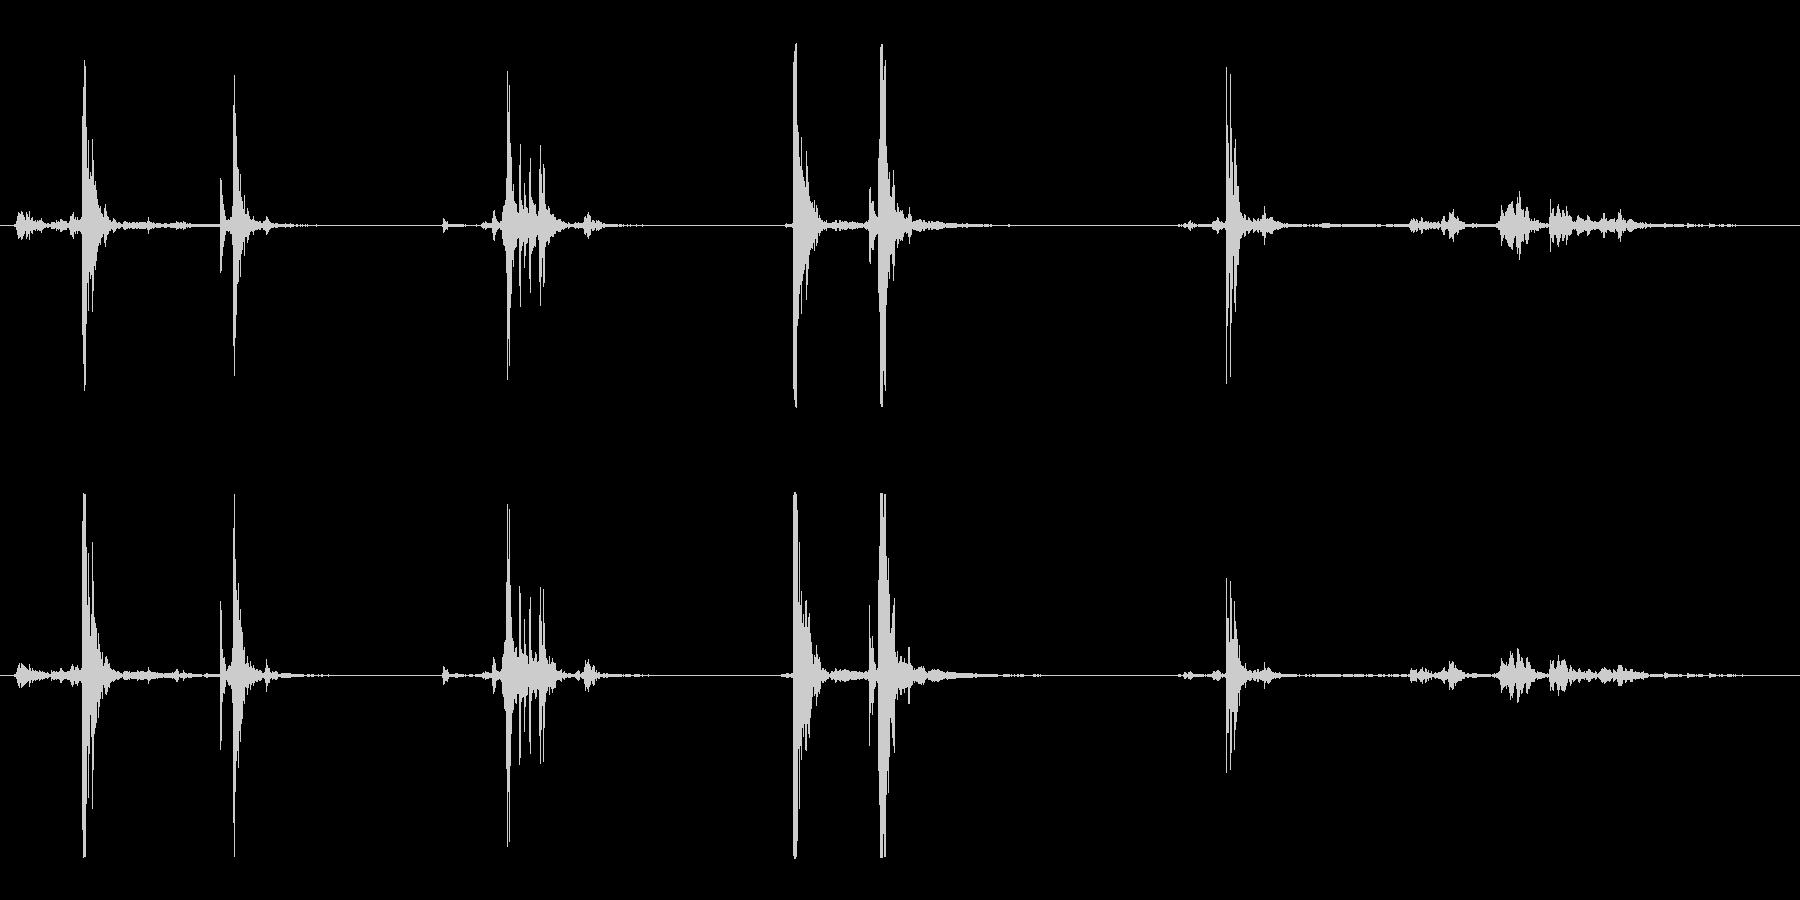 2008ダッジラムトルネードインタ...の未再生の波形